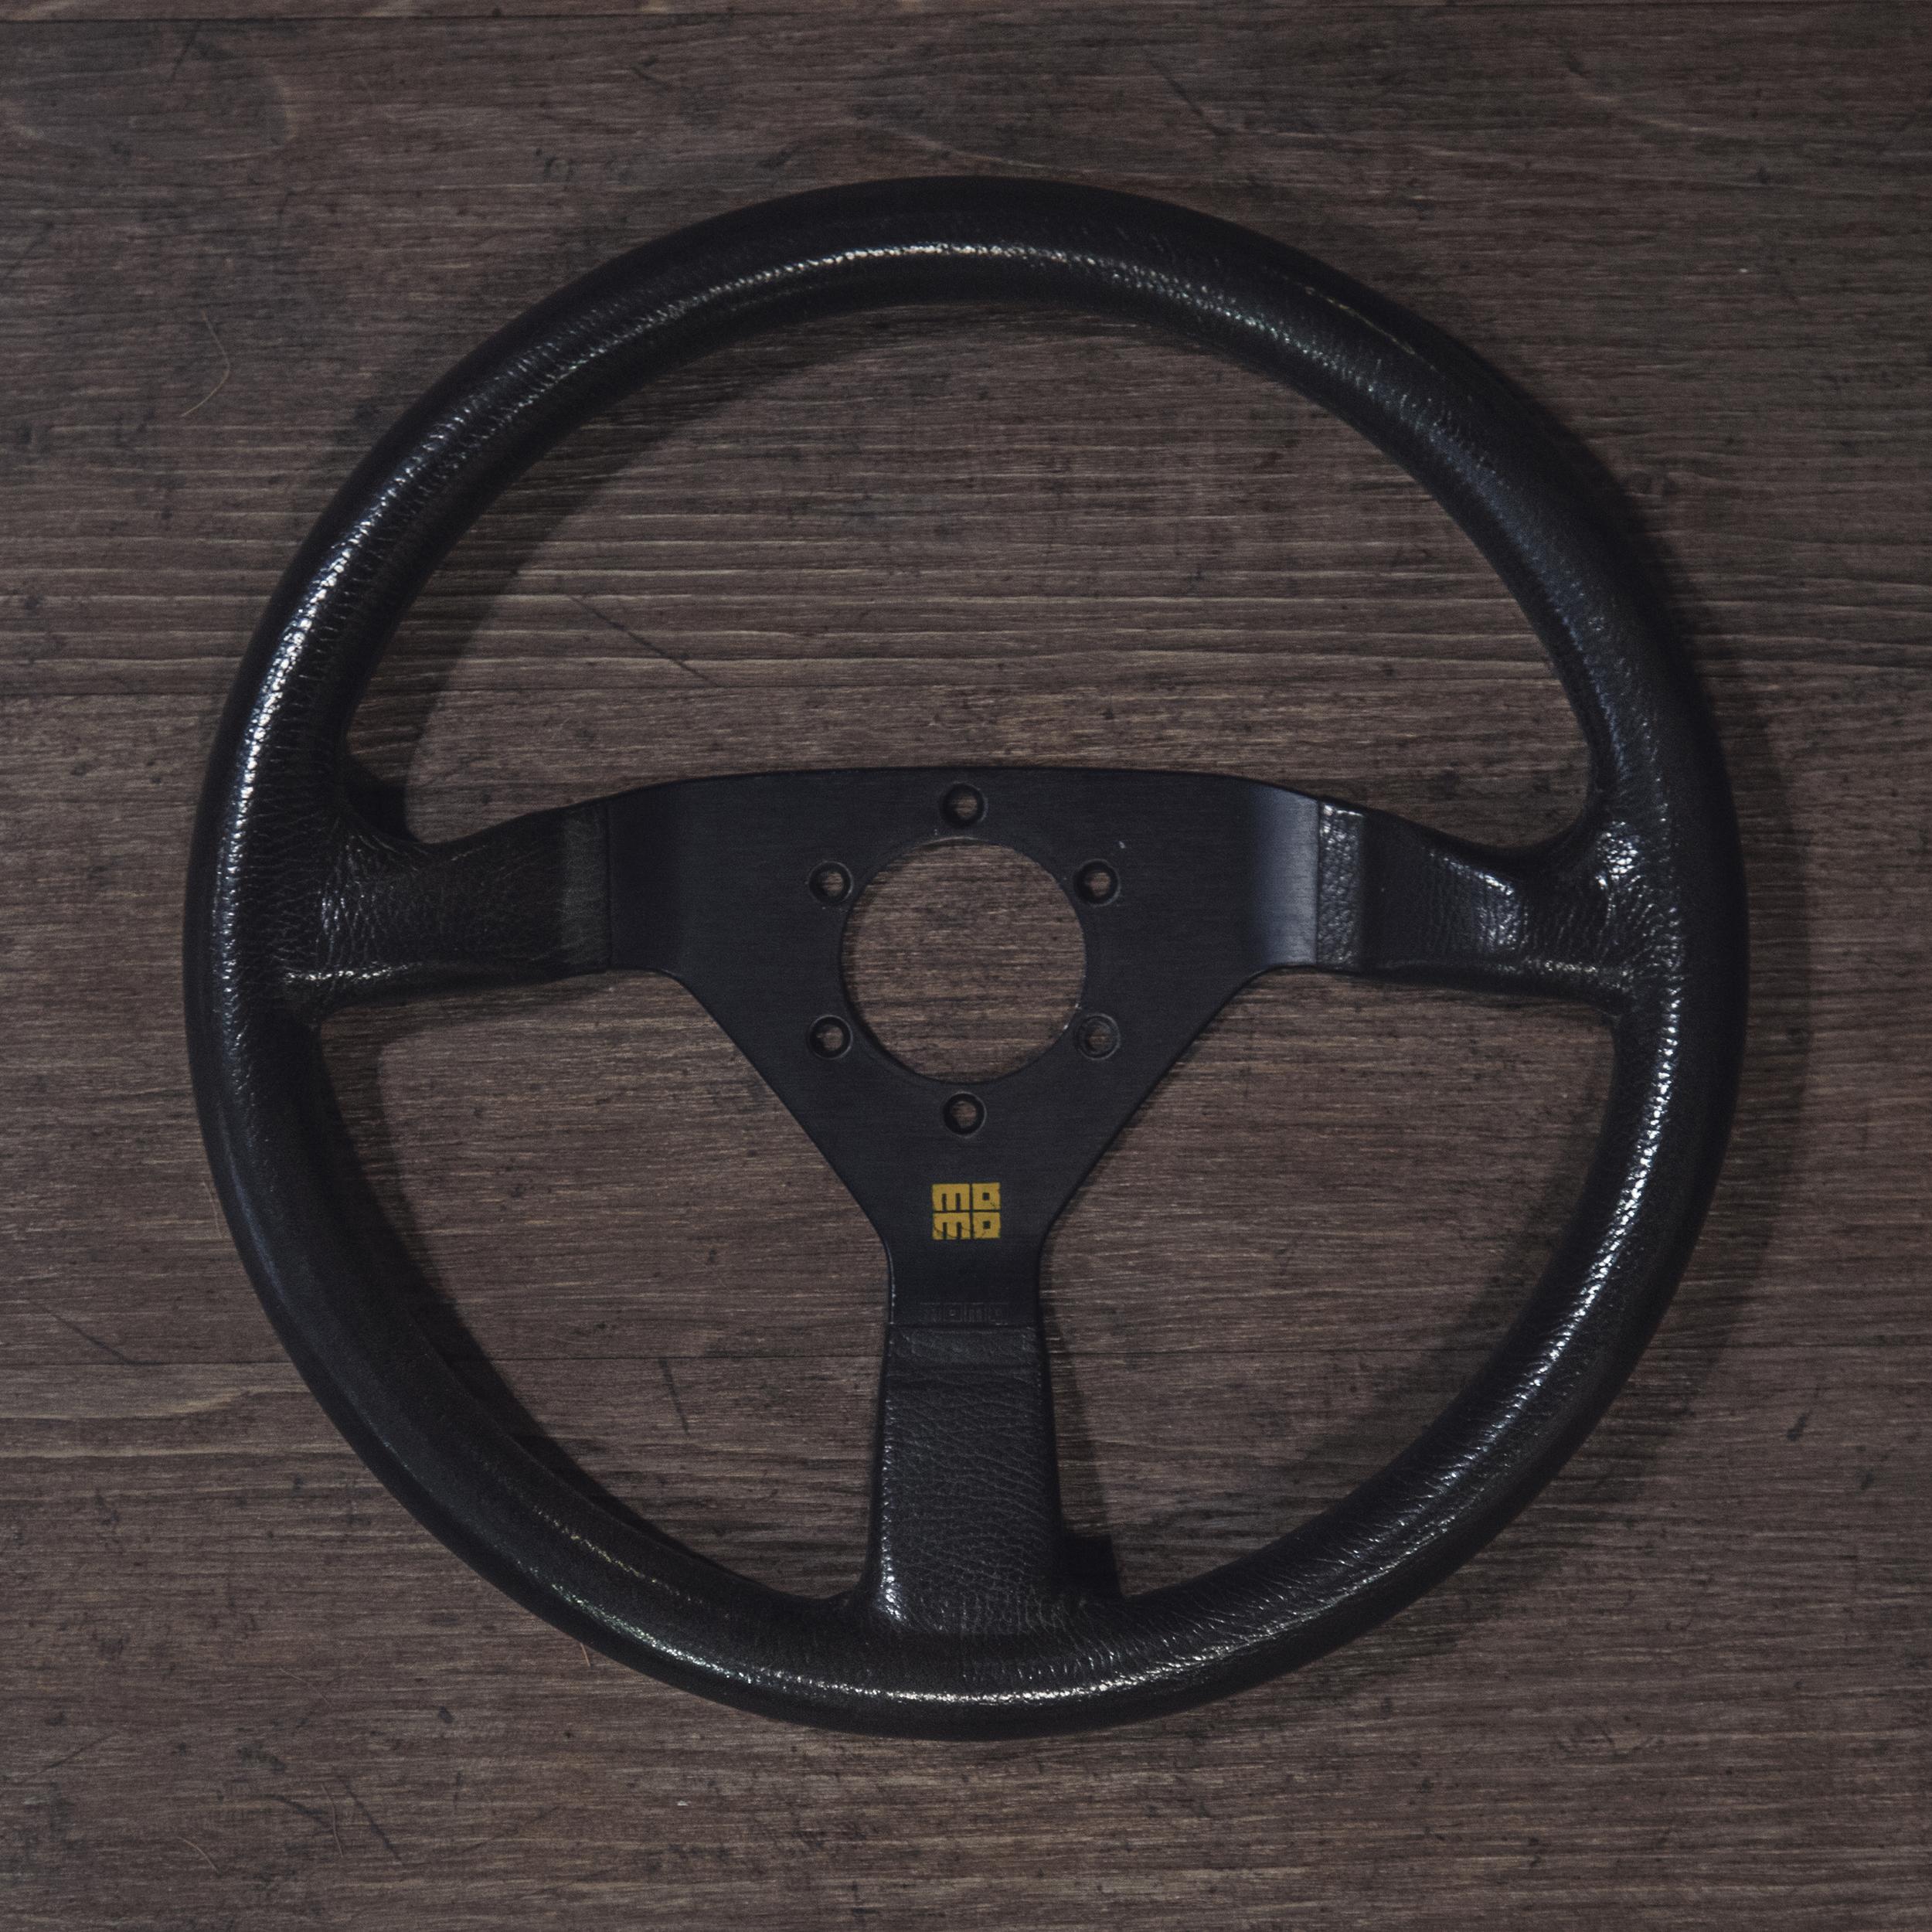 steering_wheels_momo_monte_carlo_a_01.jpg